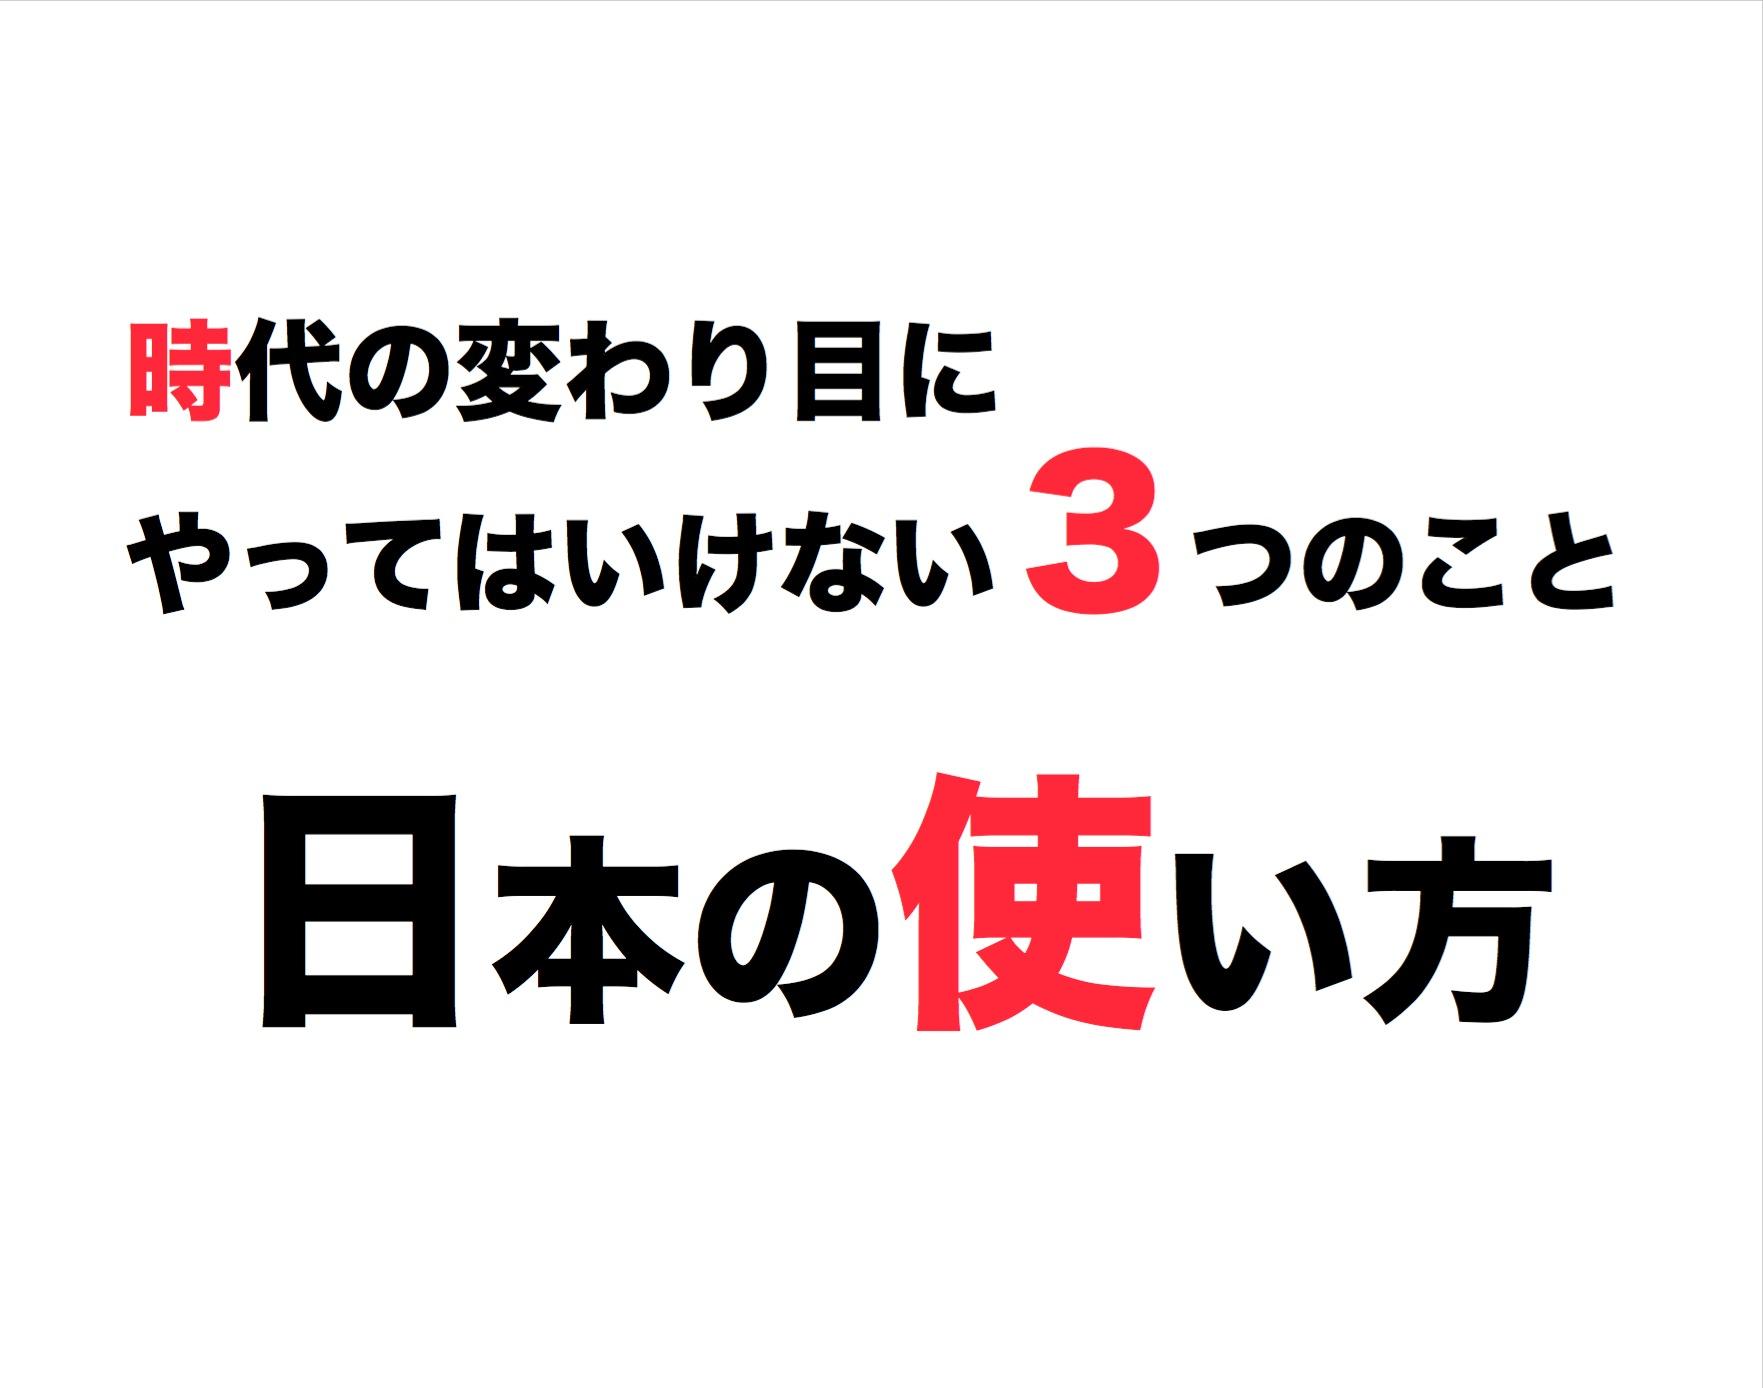 2011年9月ビジネスサークル 『使う』 〜日本をどう使うか?日本はどこへ向かうか?〜